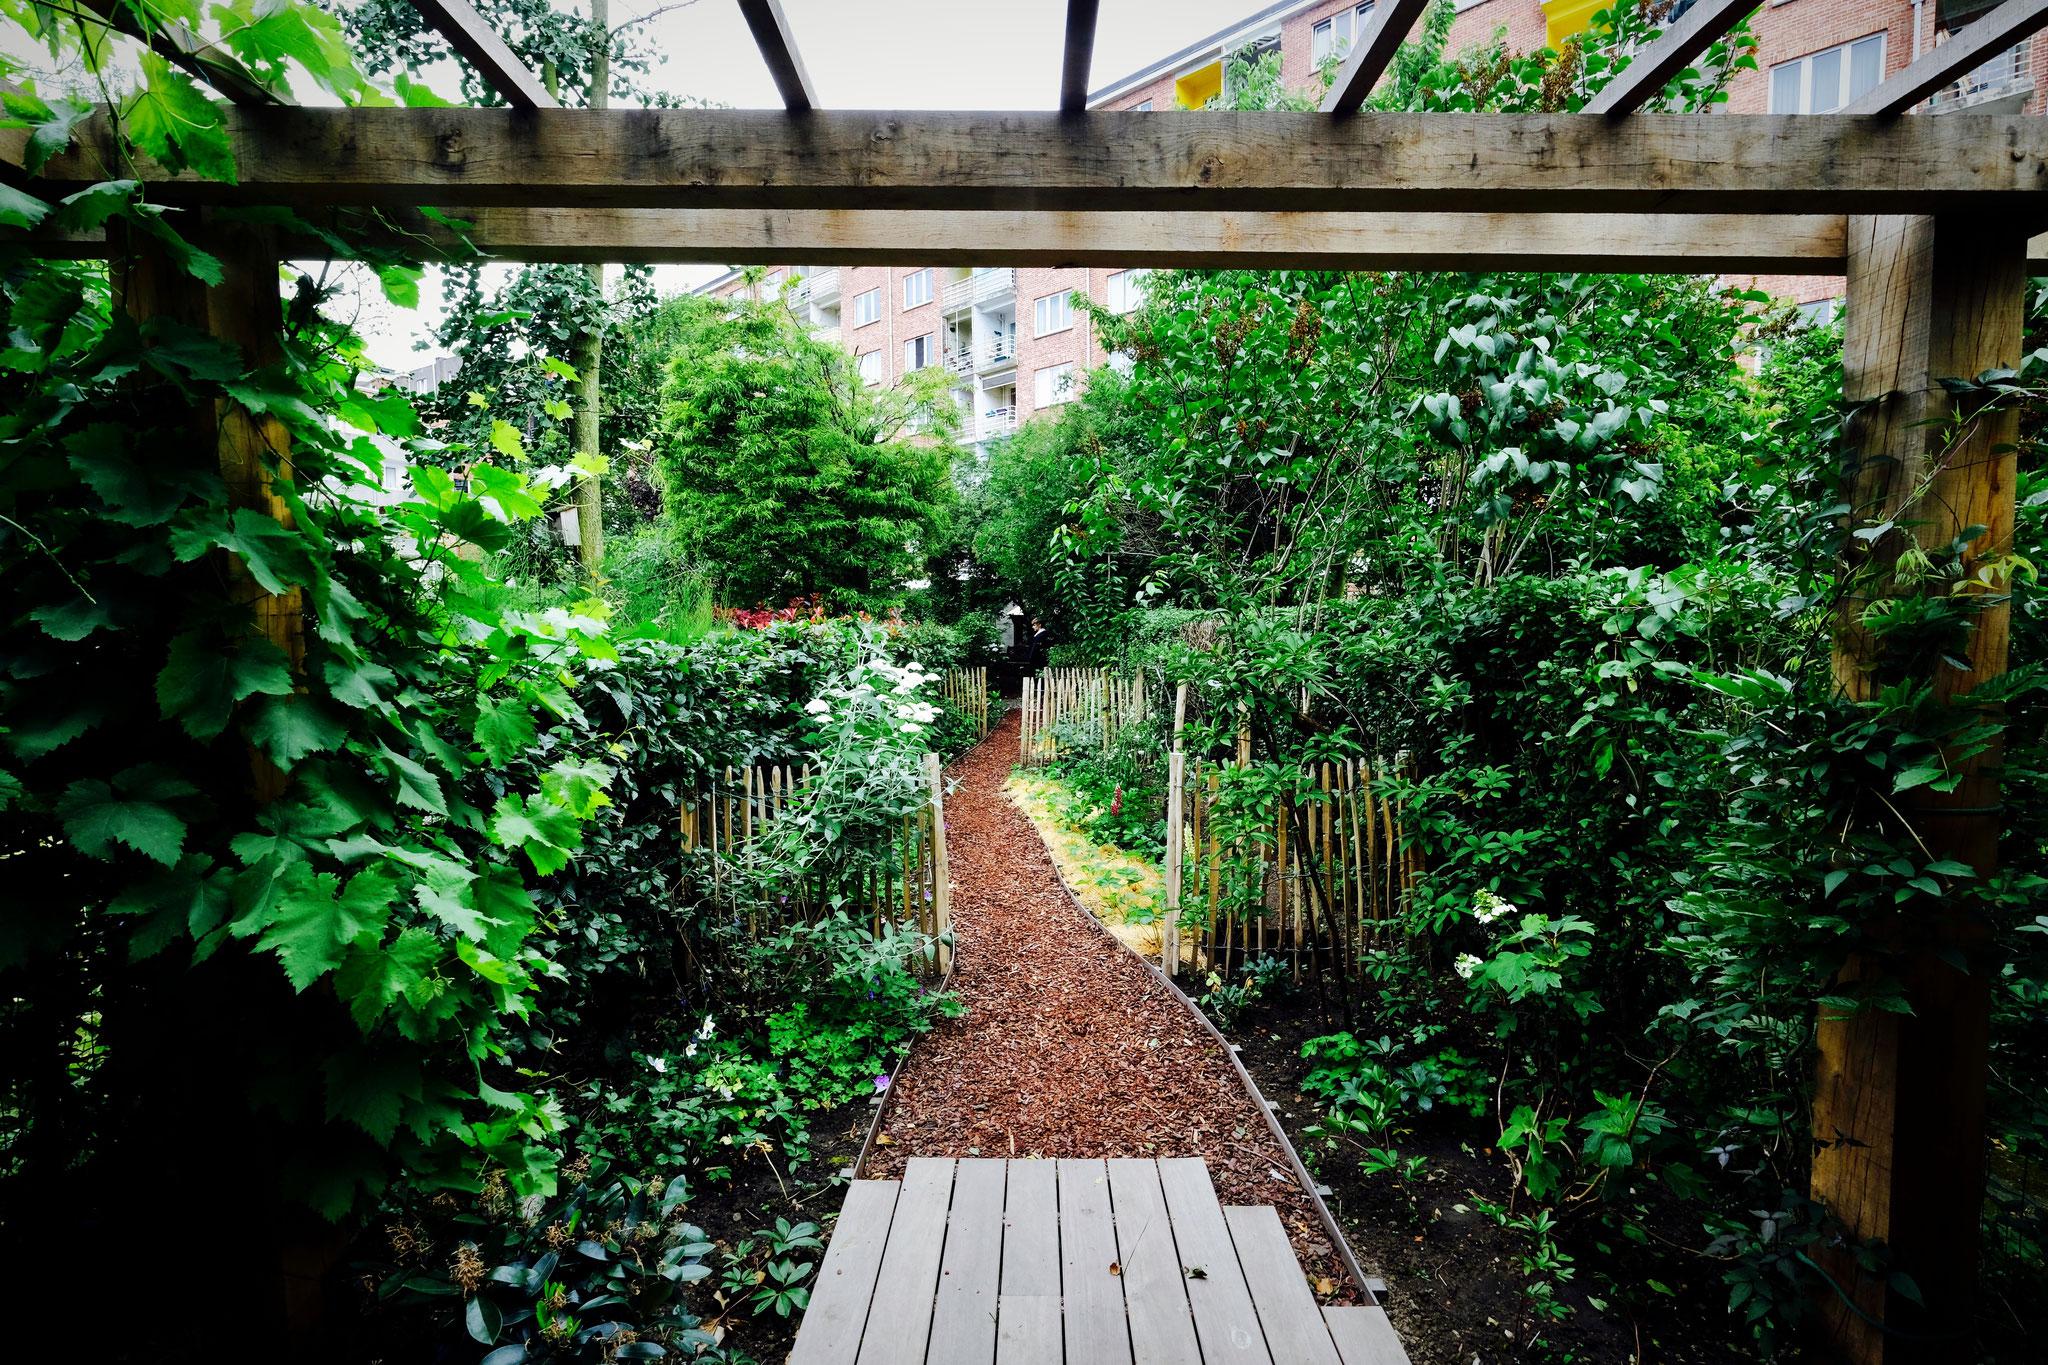 Jardin de ville 120m2 - Agroforesterie urbaine - Entrée dans le jardin. Aménagement jardin Bruxelles.